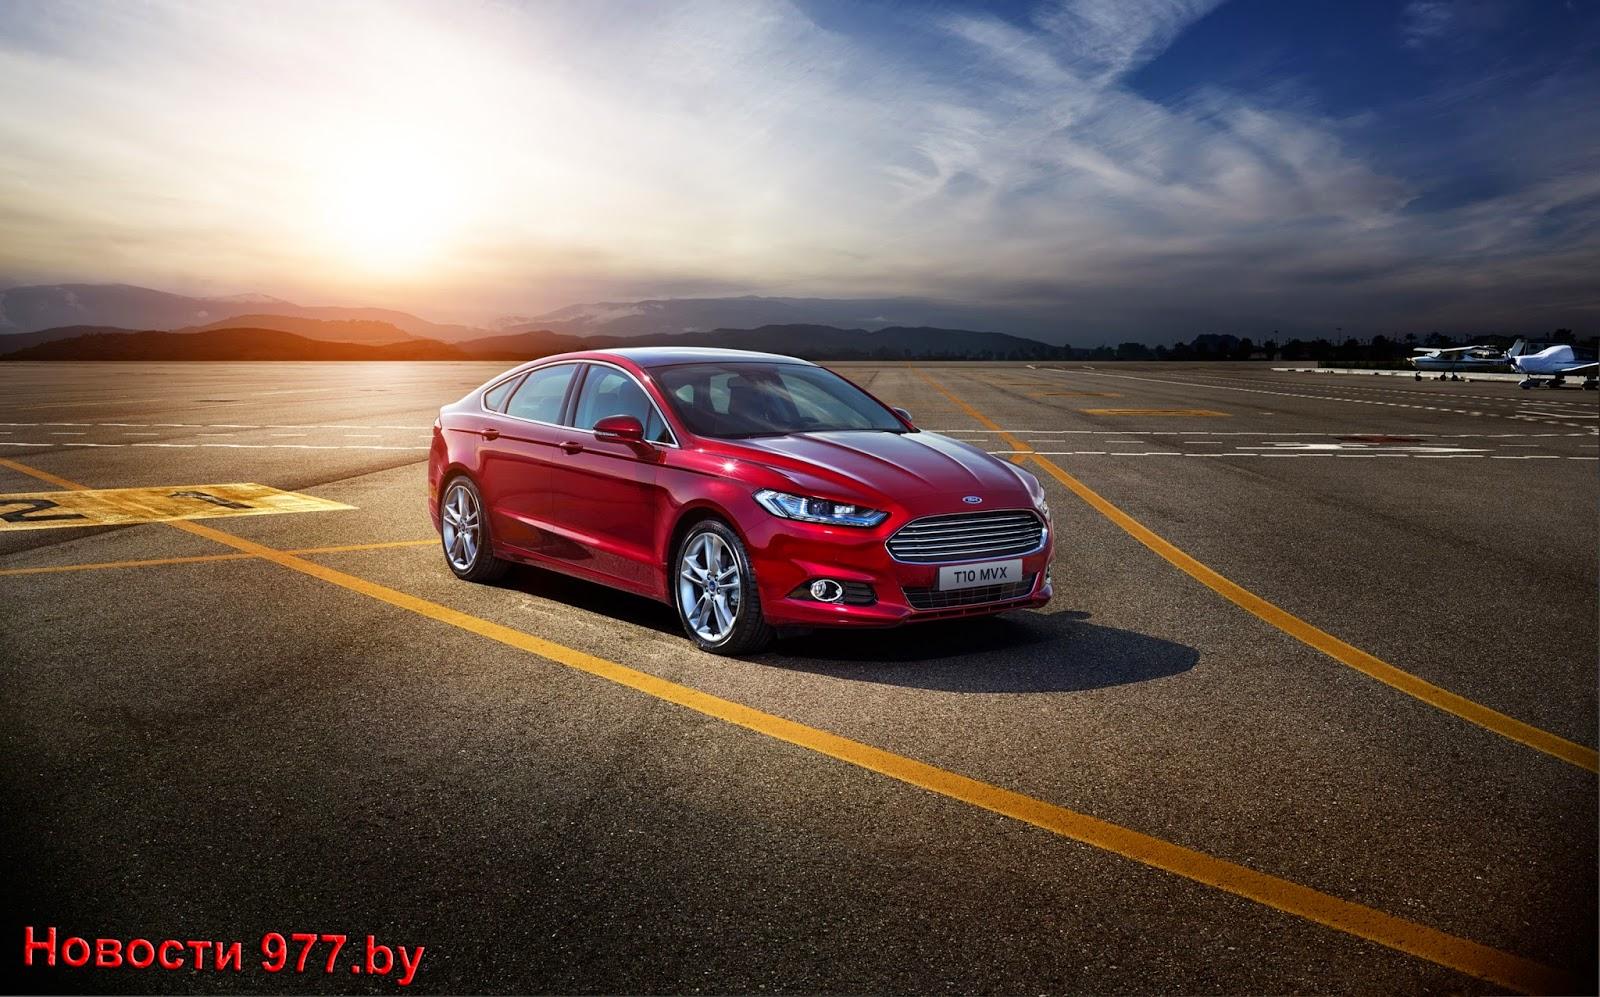 В России доступен новый Ford Mondeo 977.by